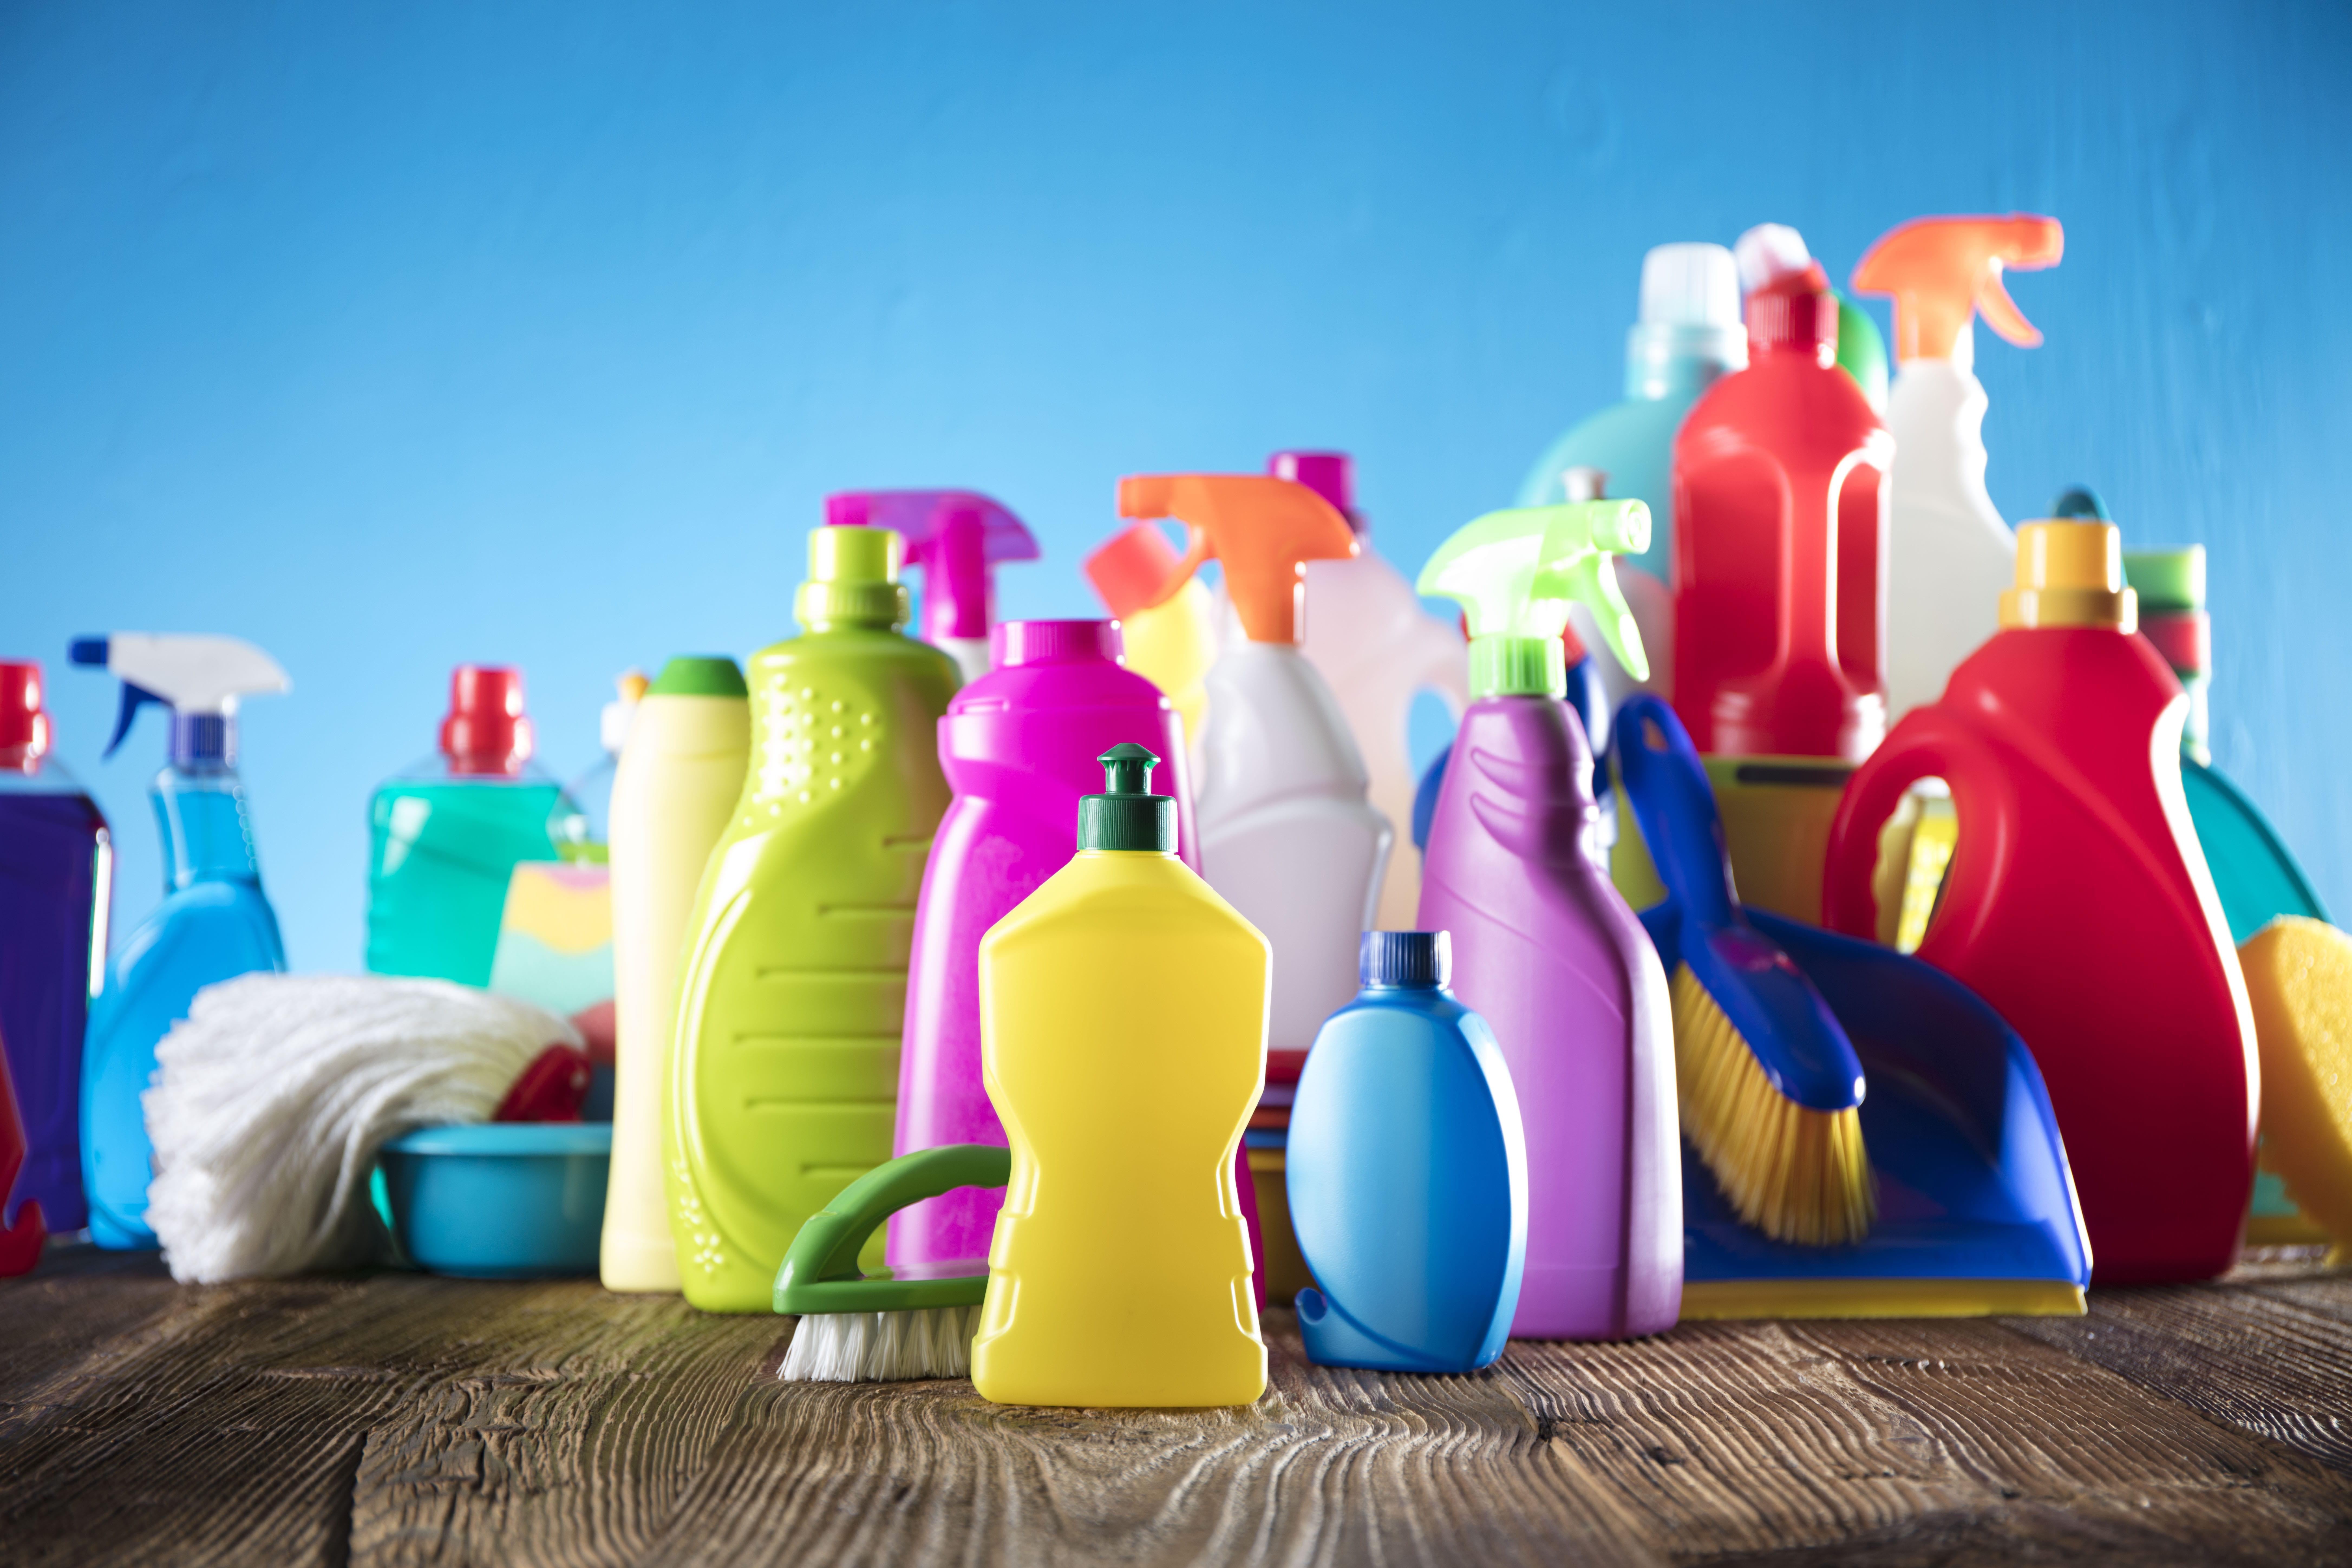 La classification des produits d'entretien